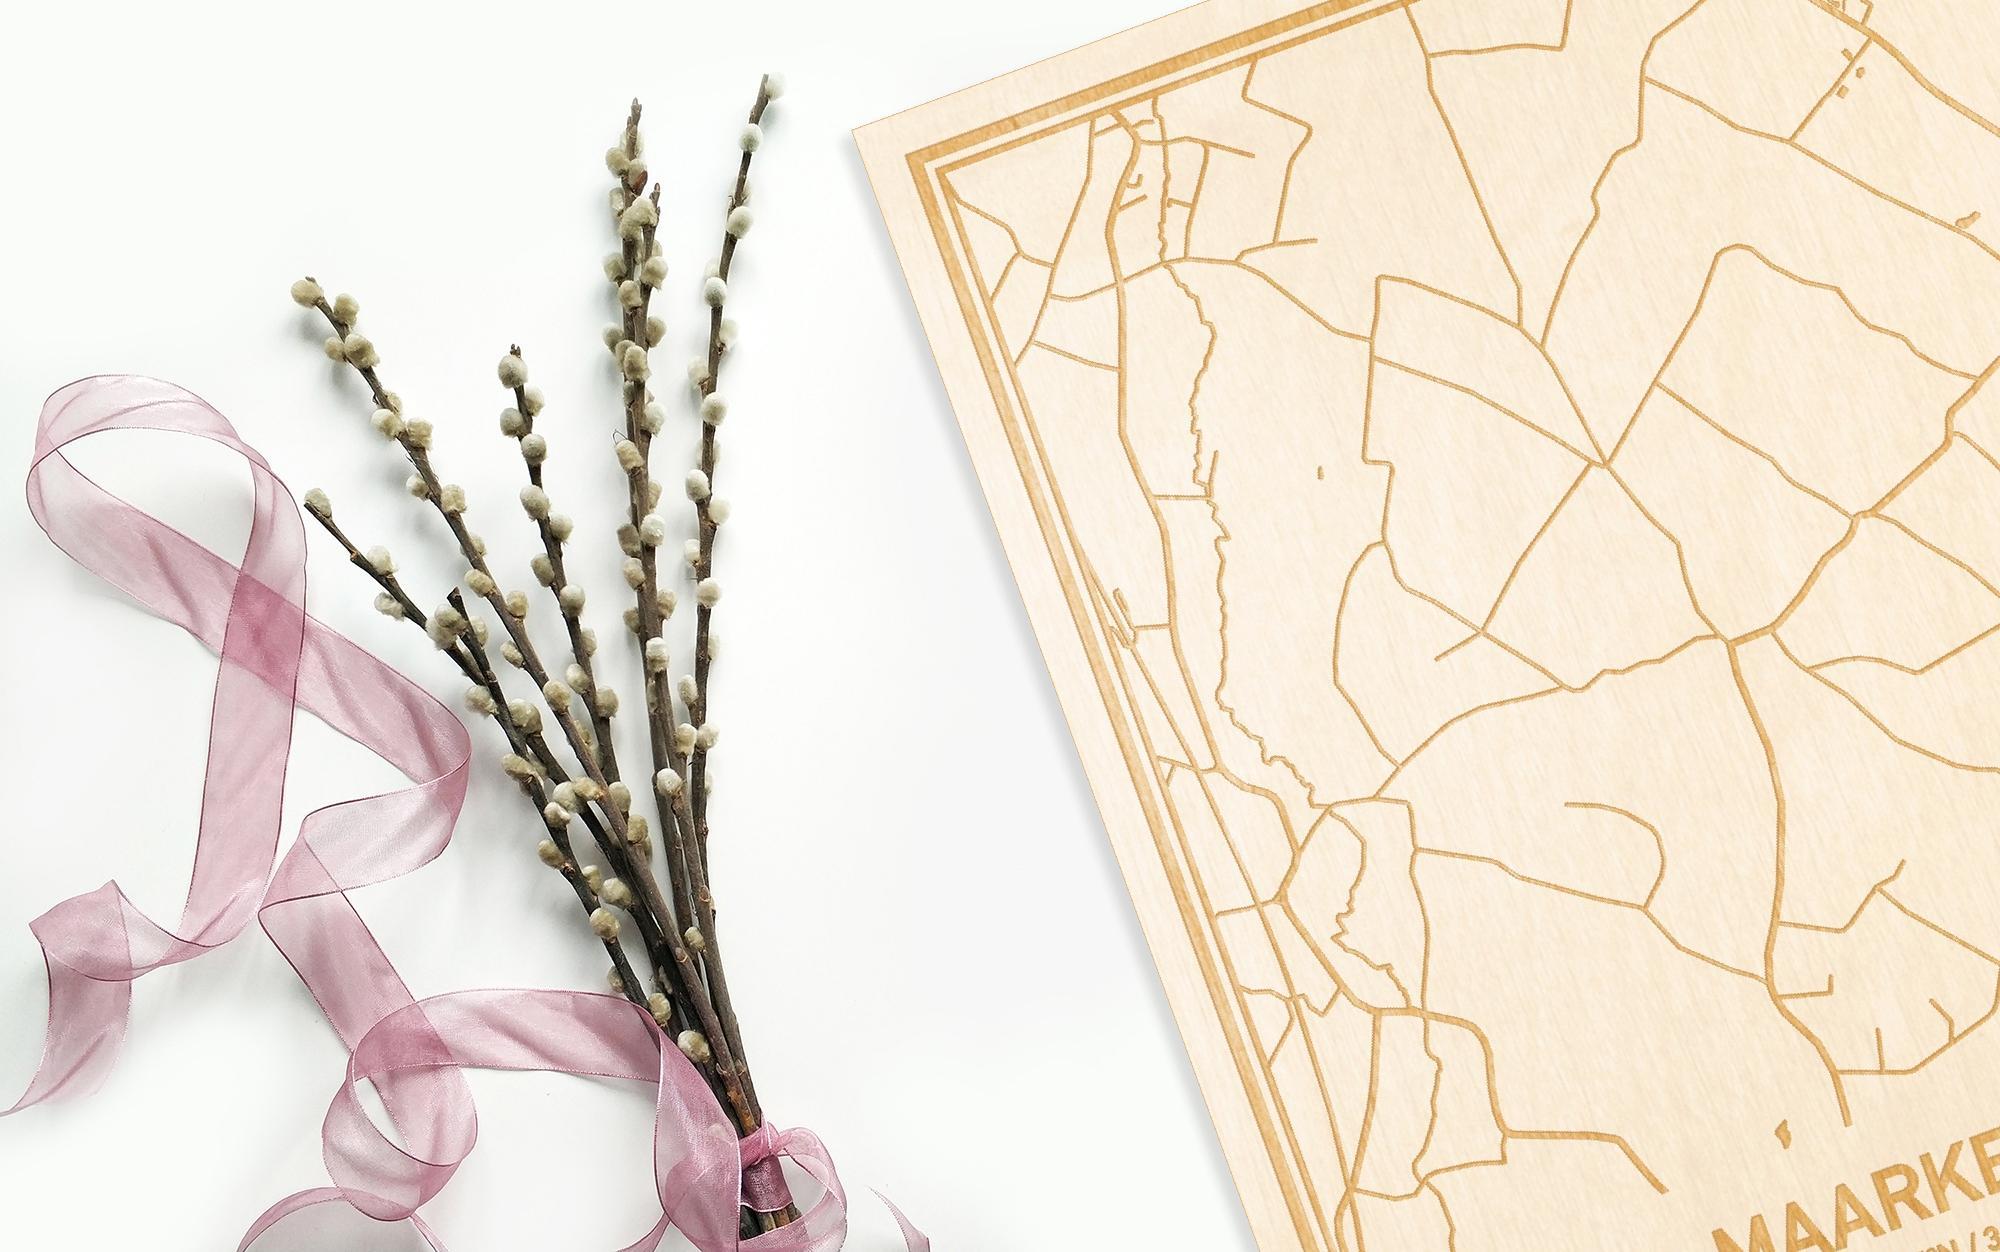 Hier ligt de houten plattegrond Maarkedal naast een bloemetje als gepersonaliseerd cadeau voor haar.